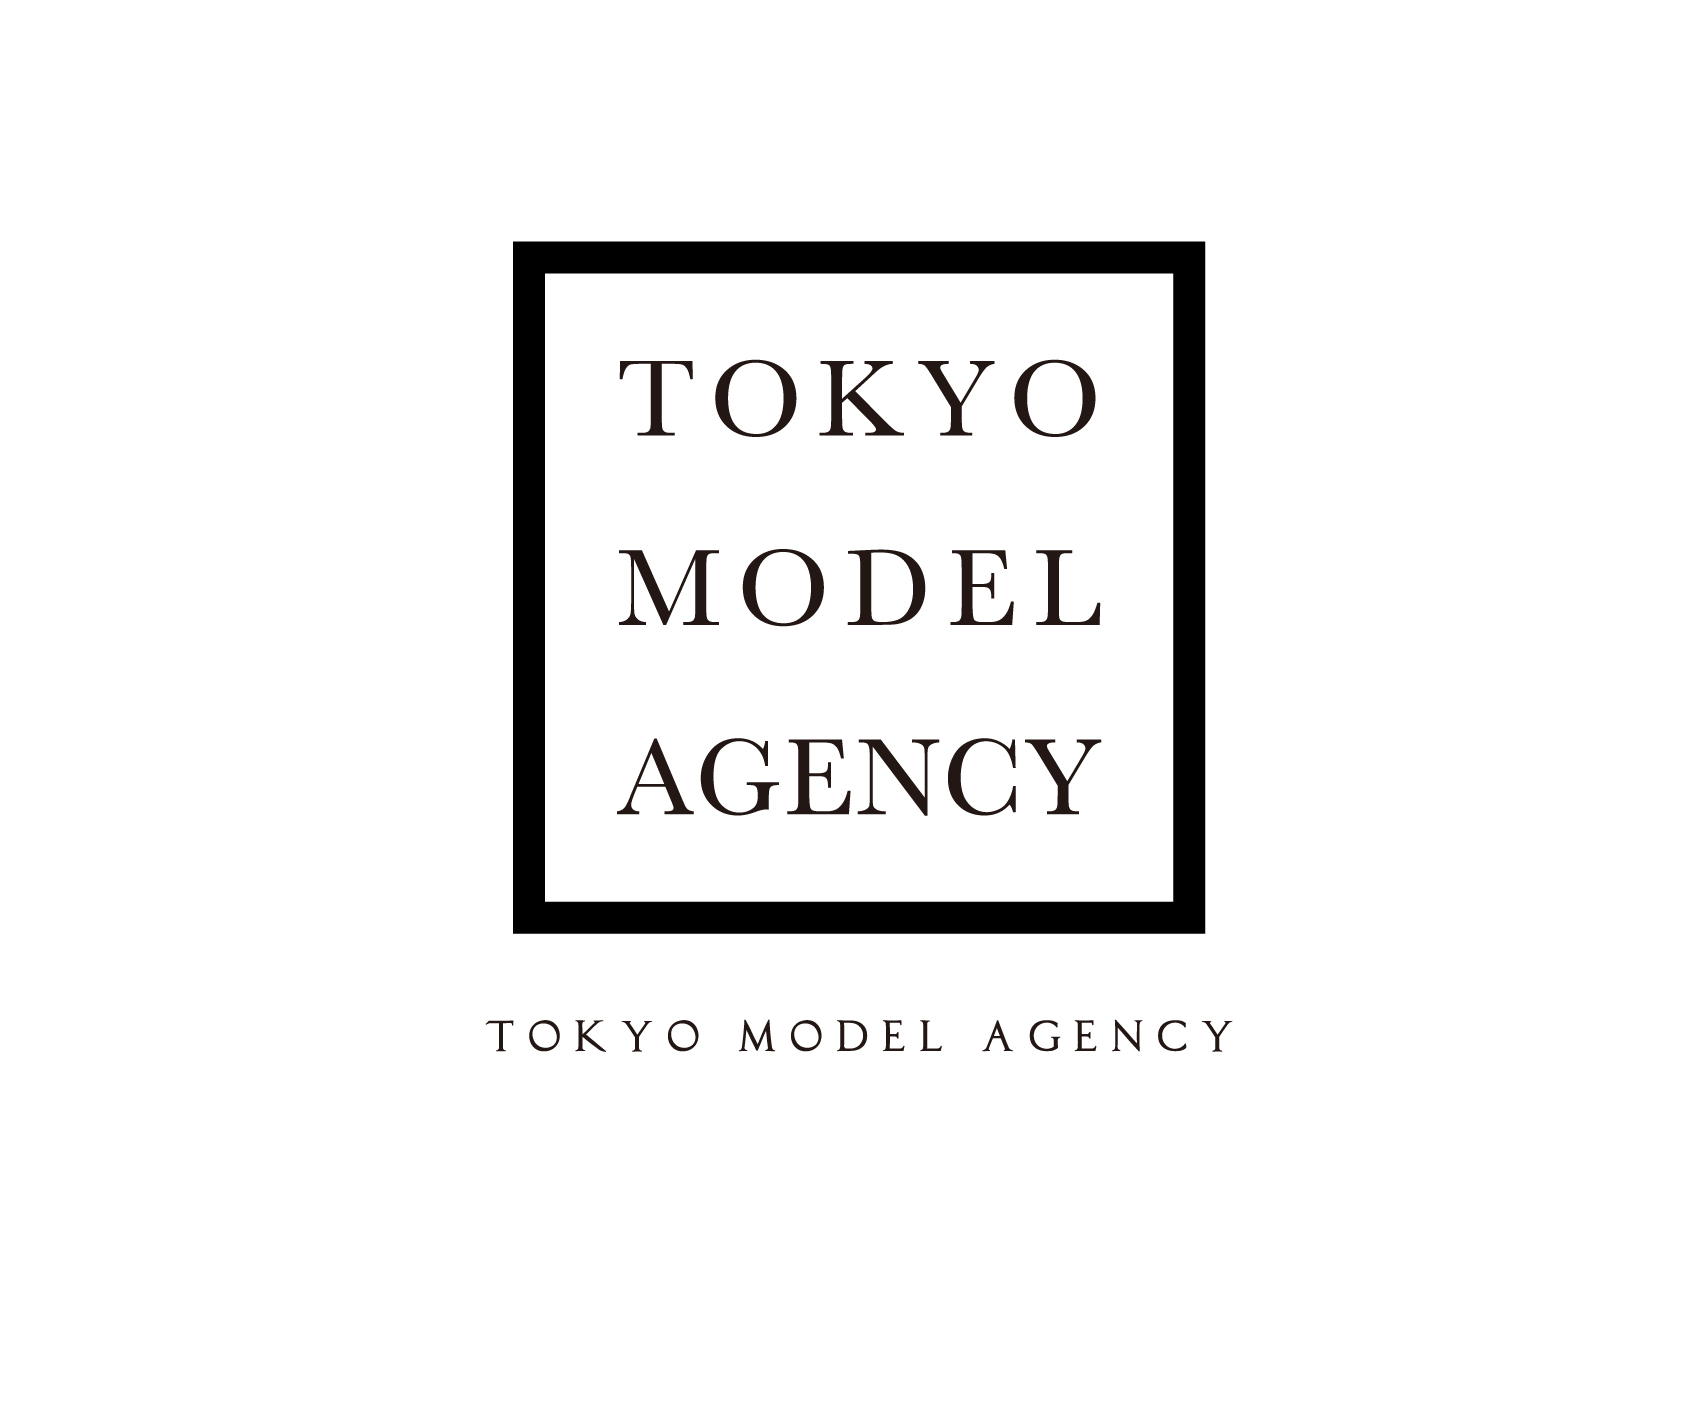 tokyomodelagency-logo